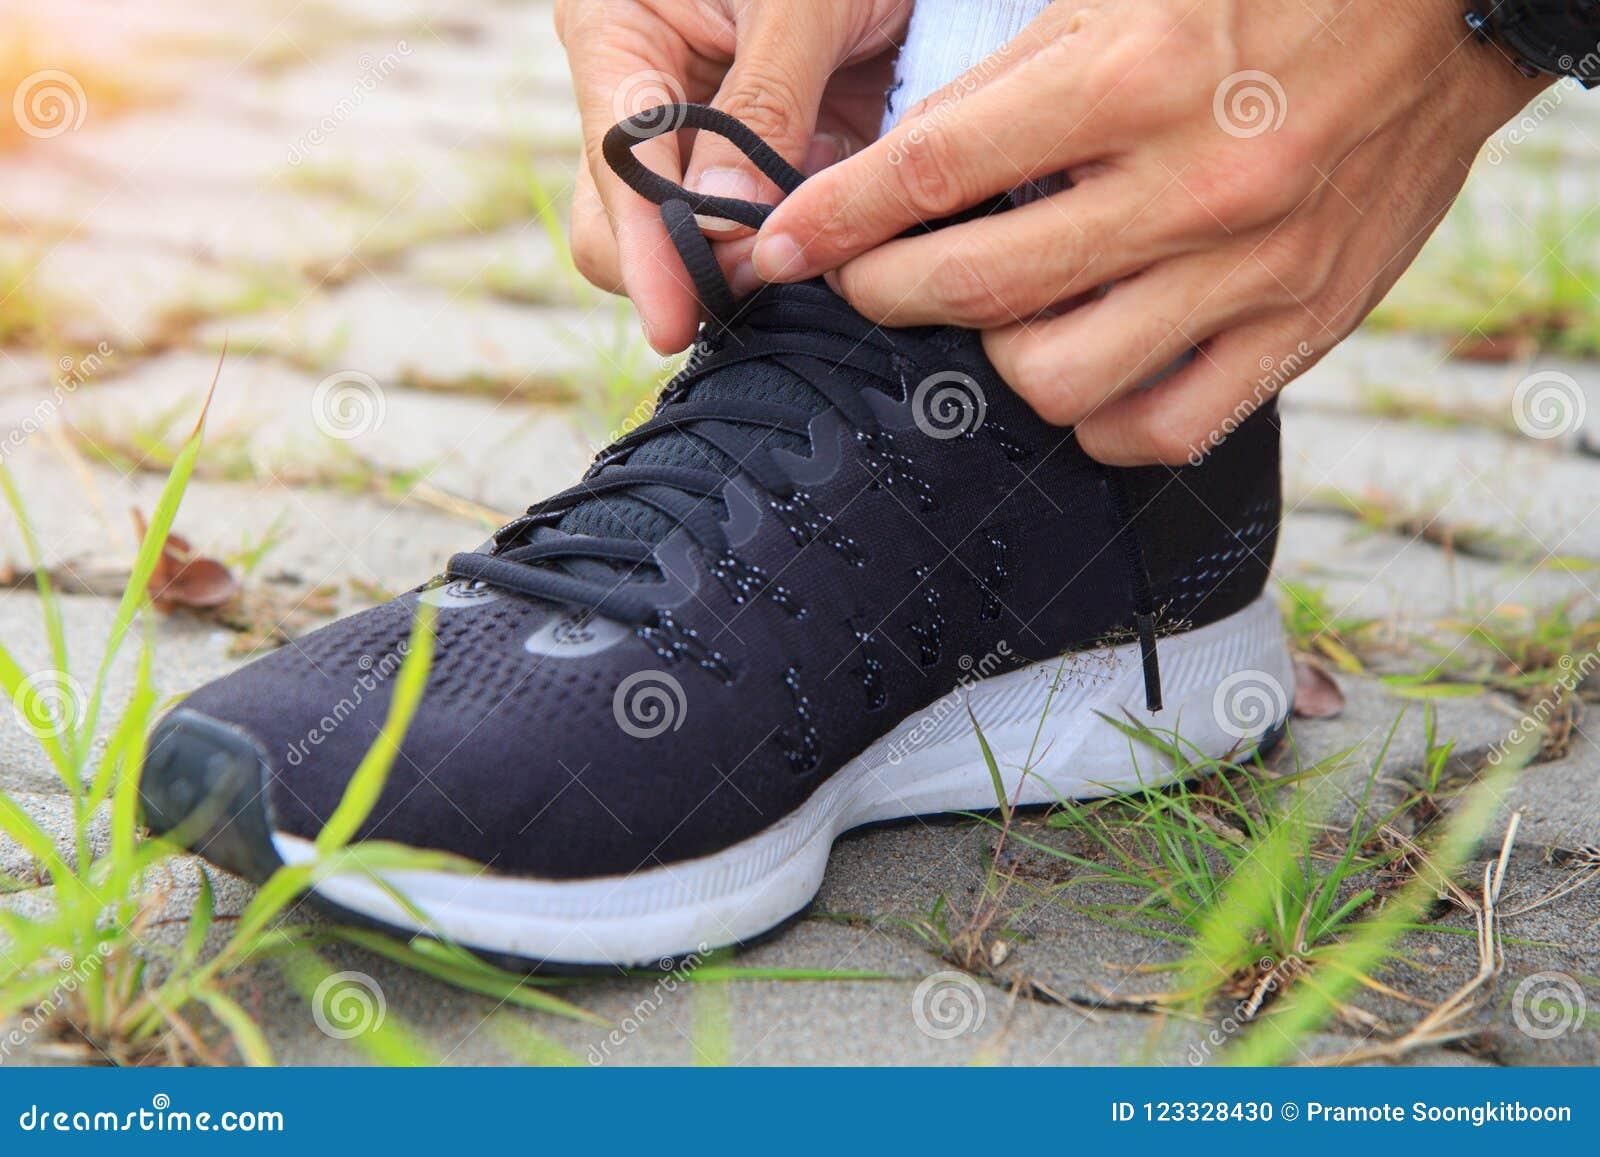 Binden Sie die Schuhe